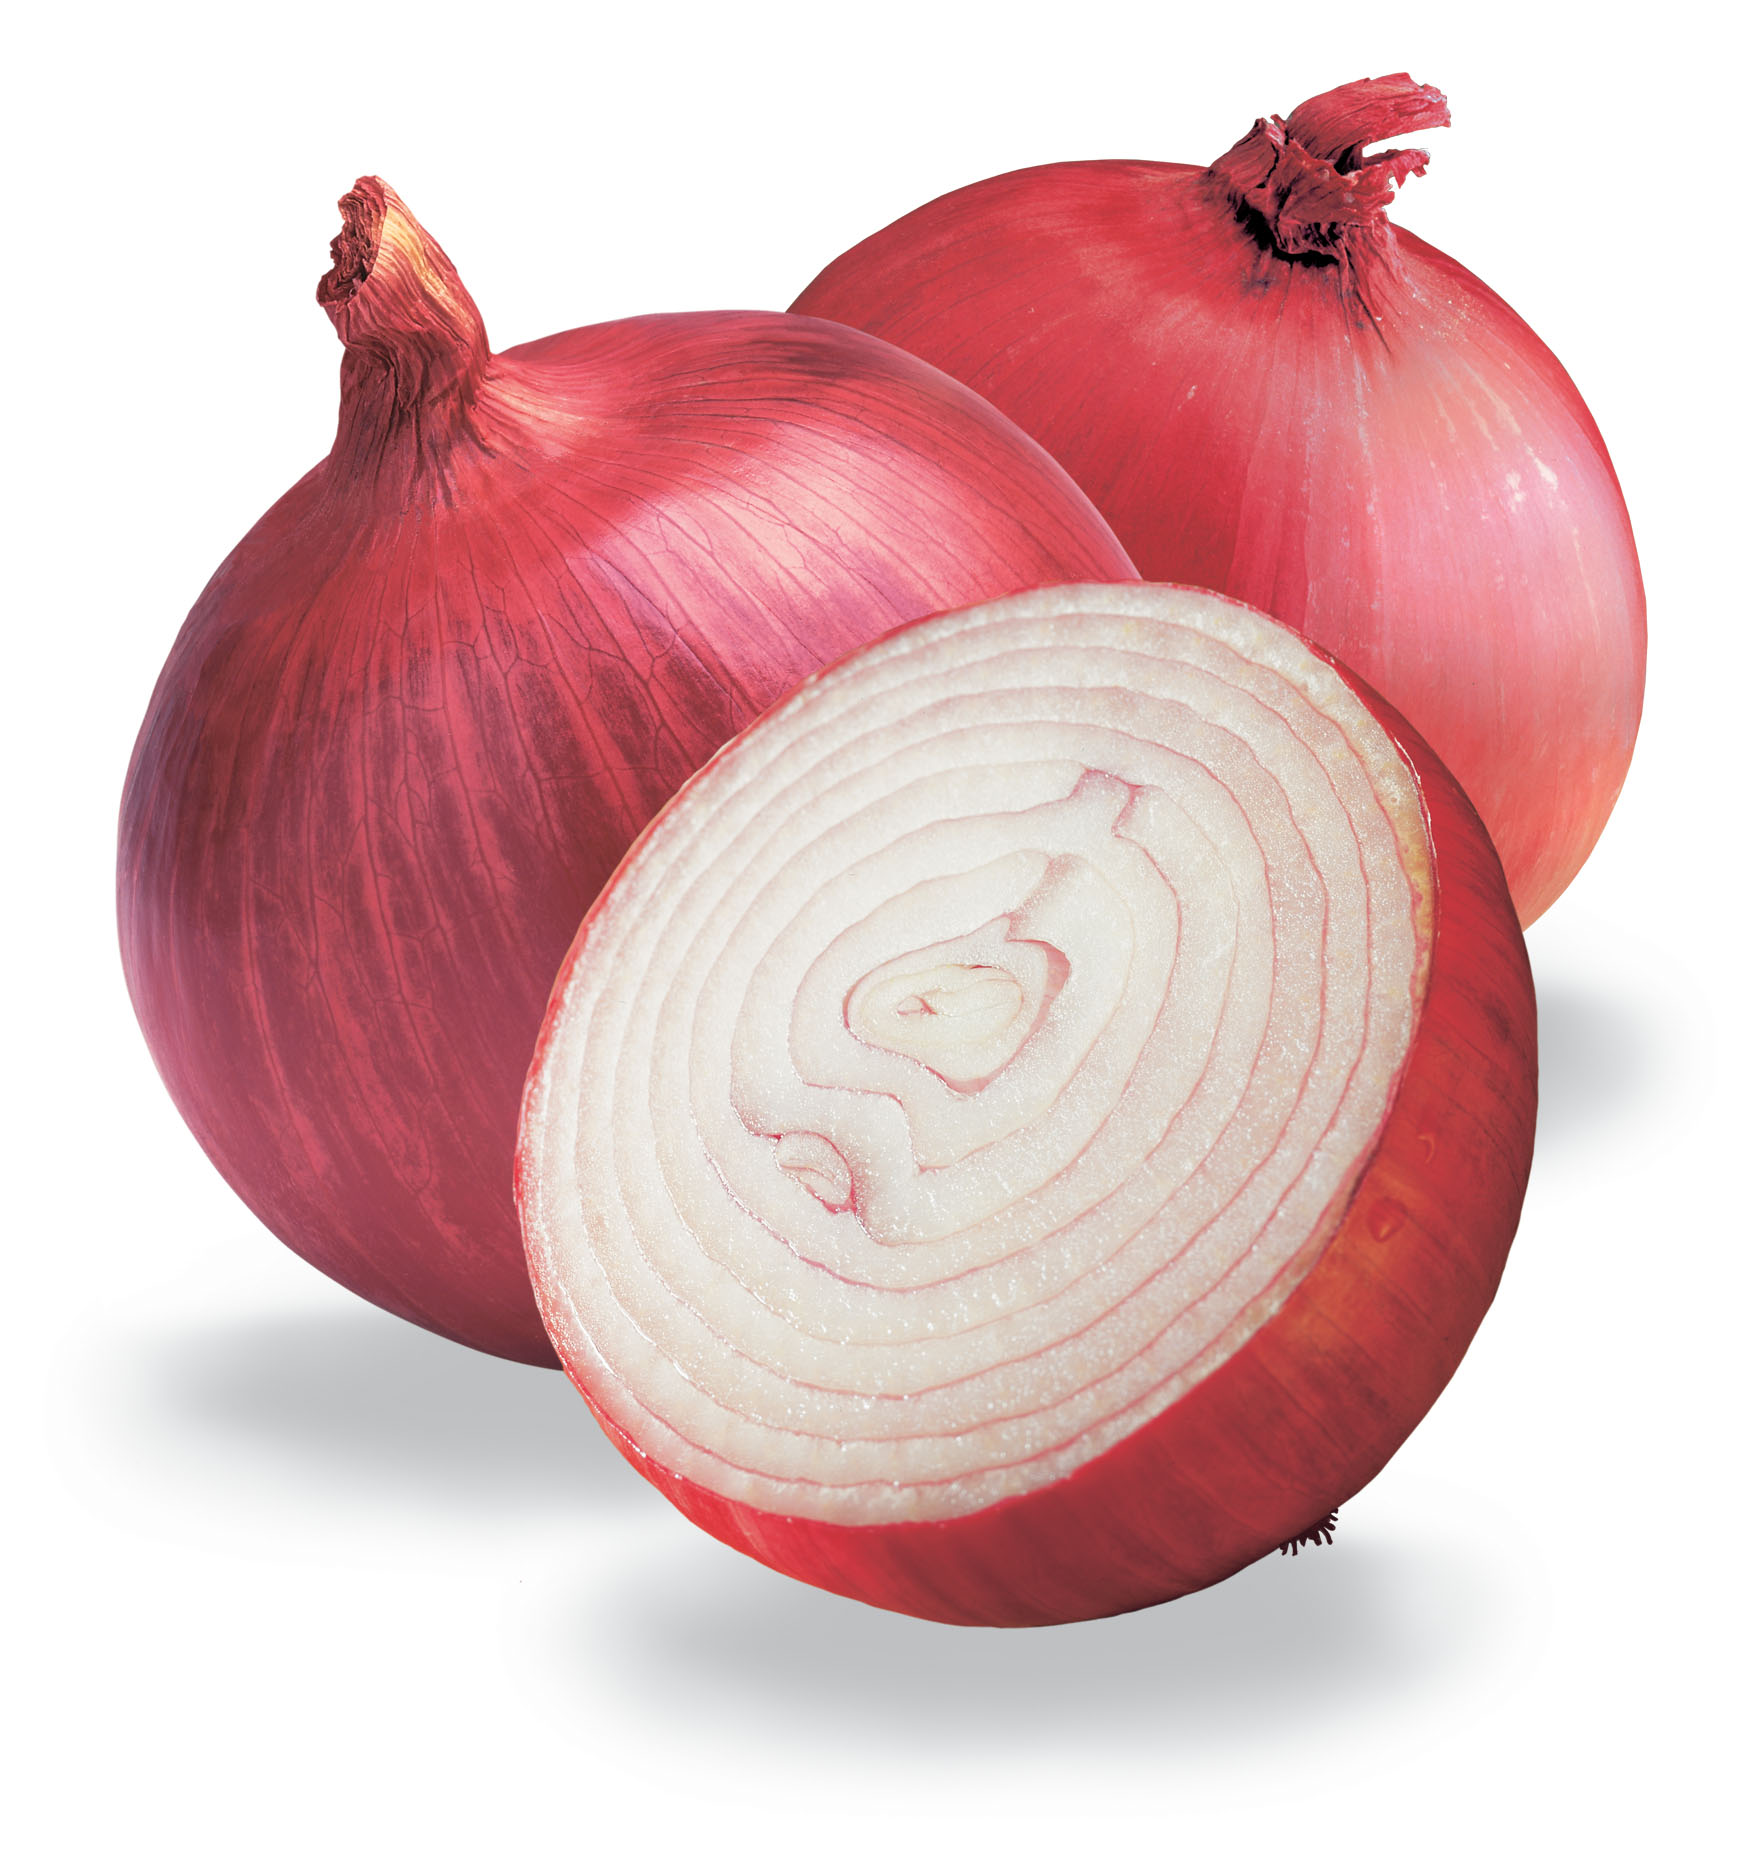 สารสกัดหอมหัวใหญ่ (ผล) (Onion extract)